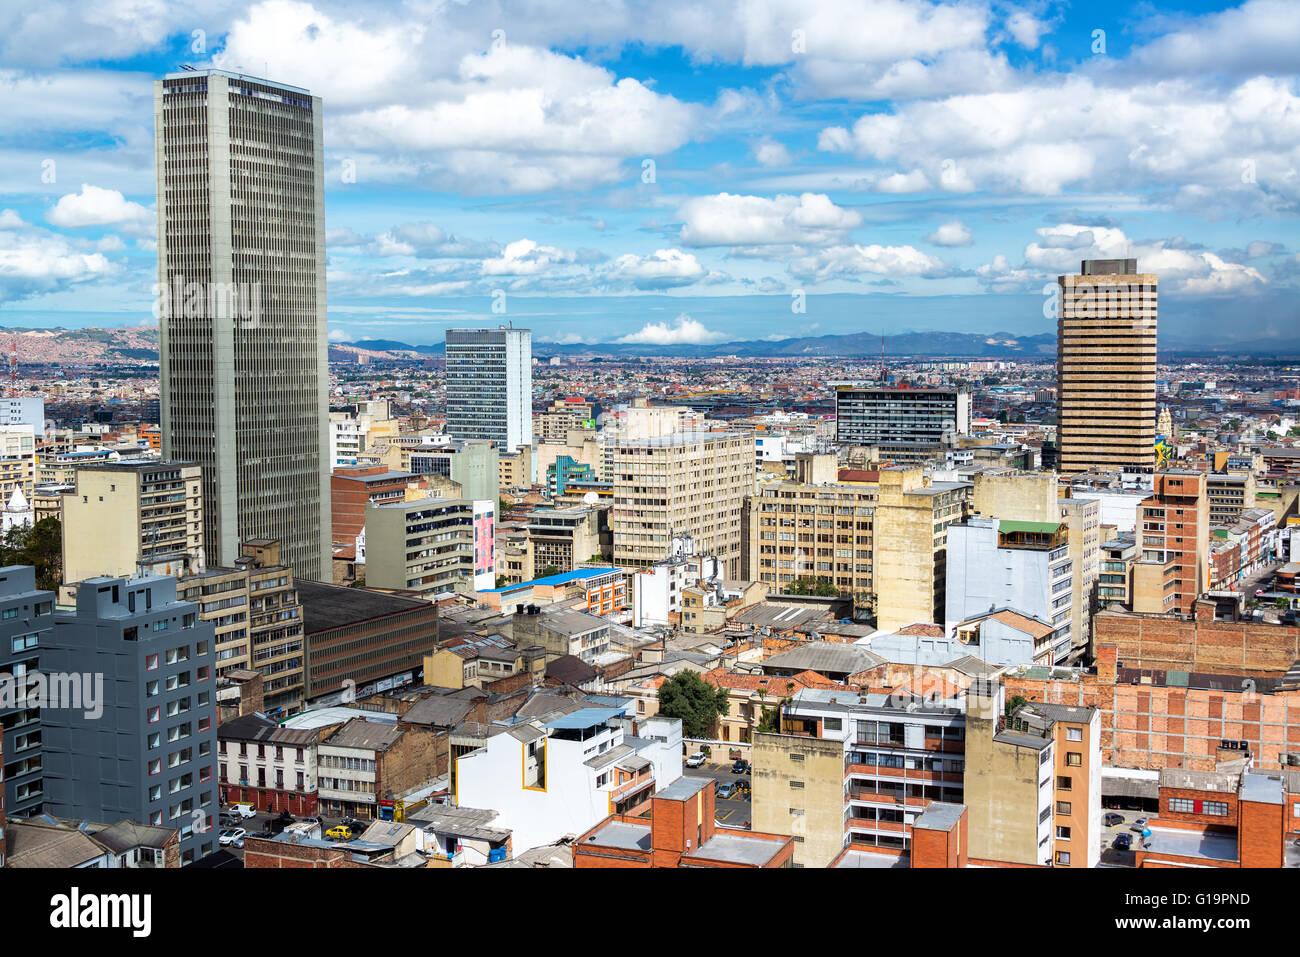 Vista del centro de la ciudad de Bogotá, Colombia Imagen De Stock